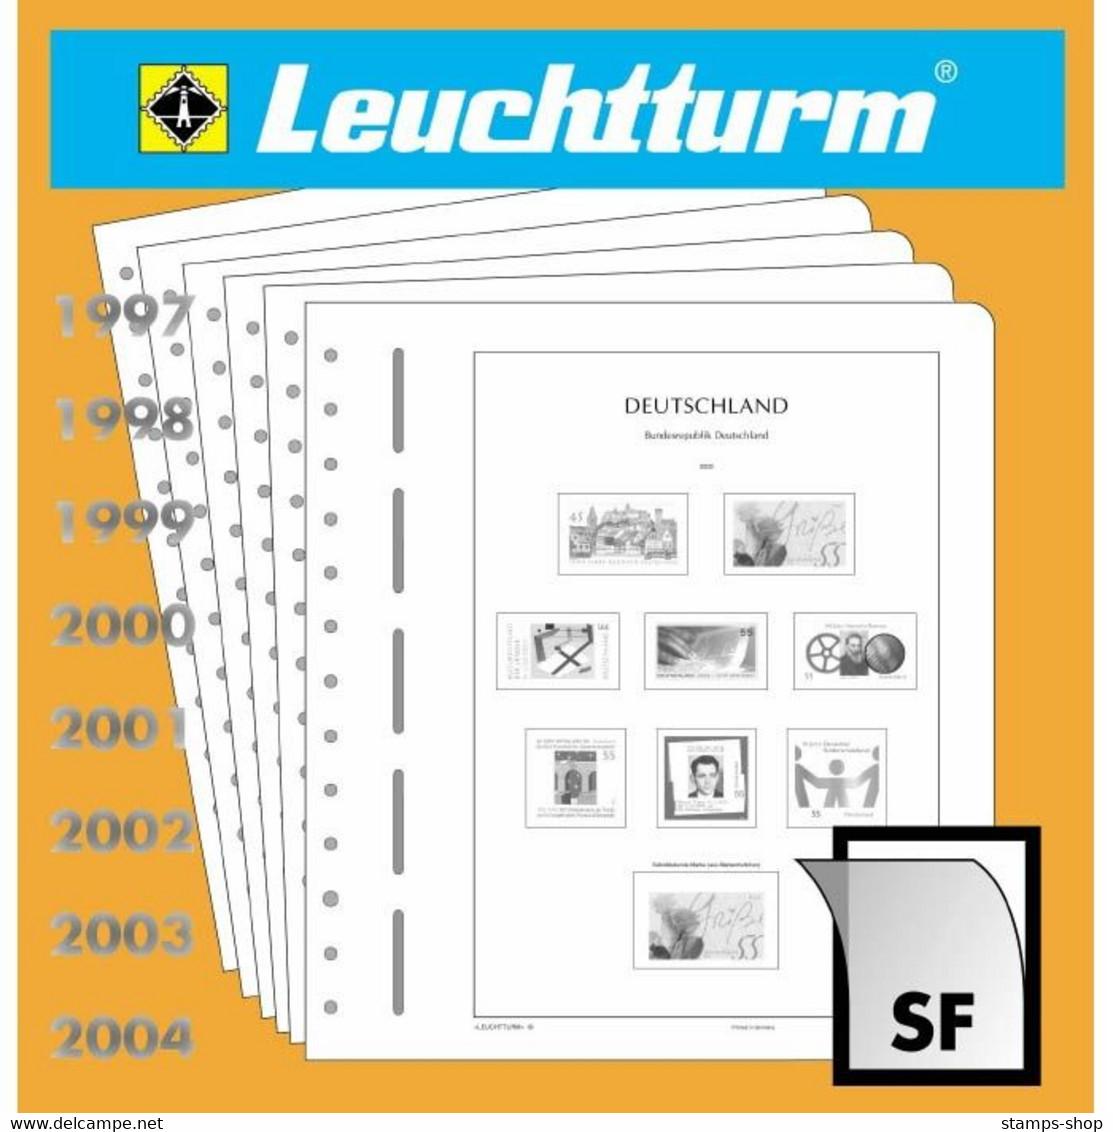 Leuchtturm Nachtrag Deutschland Markenheftchen 2010 SF Mit Taschen Neu - Pre-printed Pages